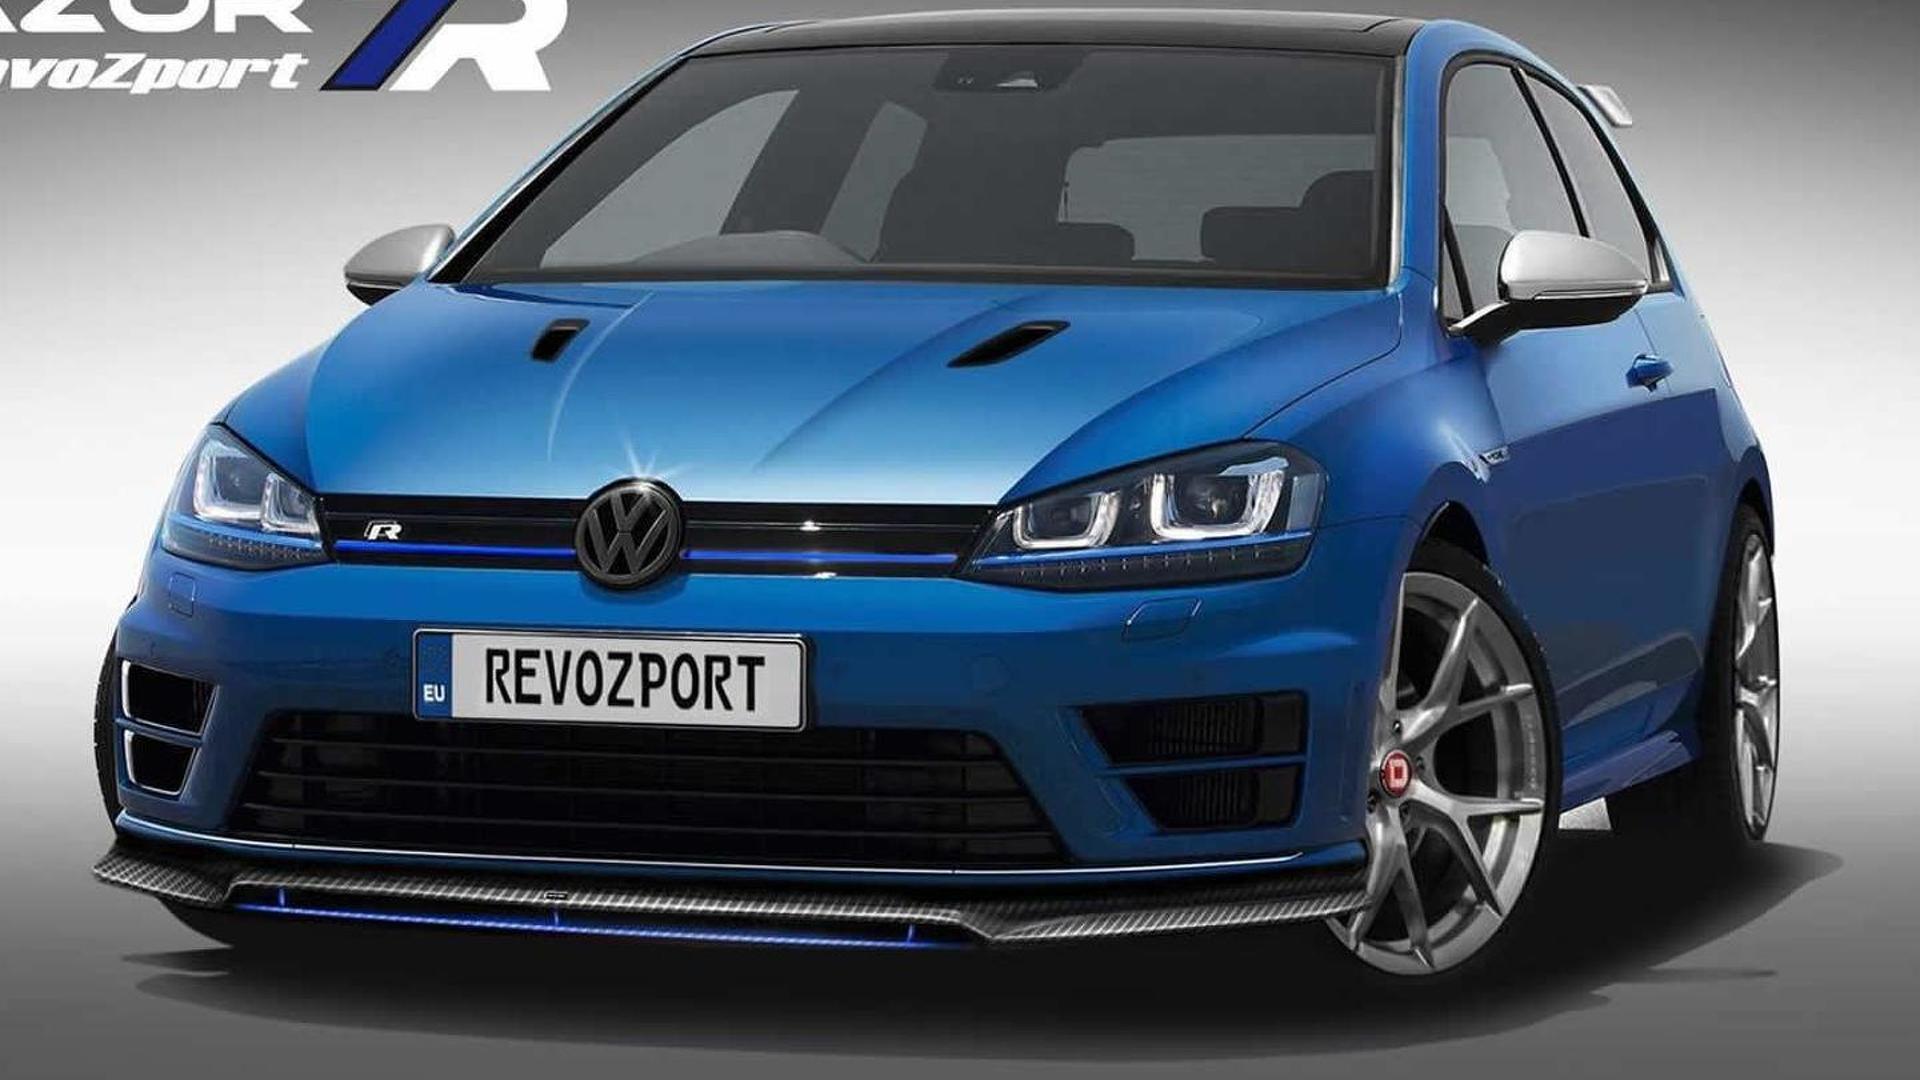 Тюнинг Volkswagen Golf R. Обвес от RevoZport